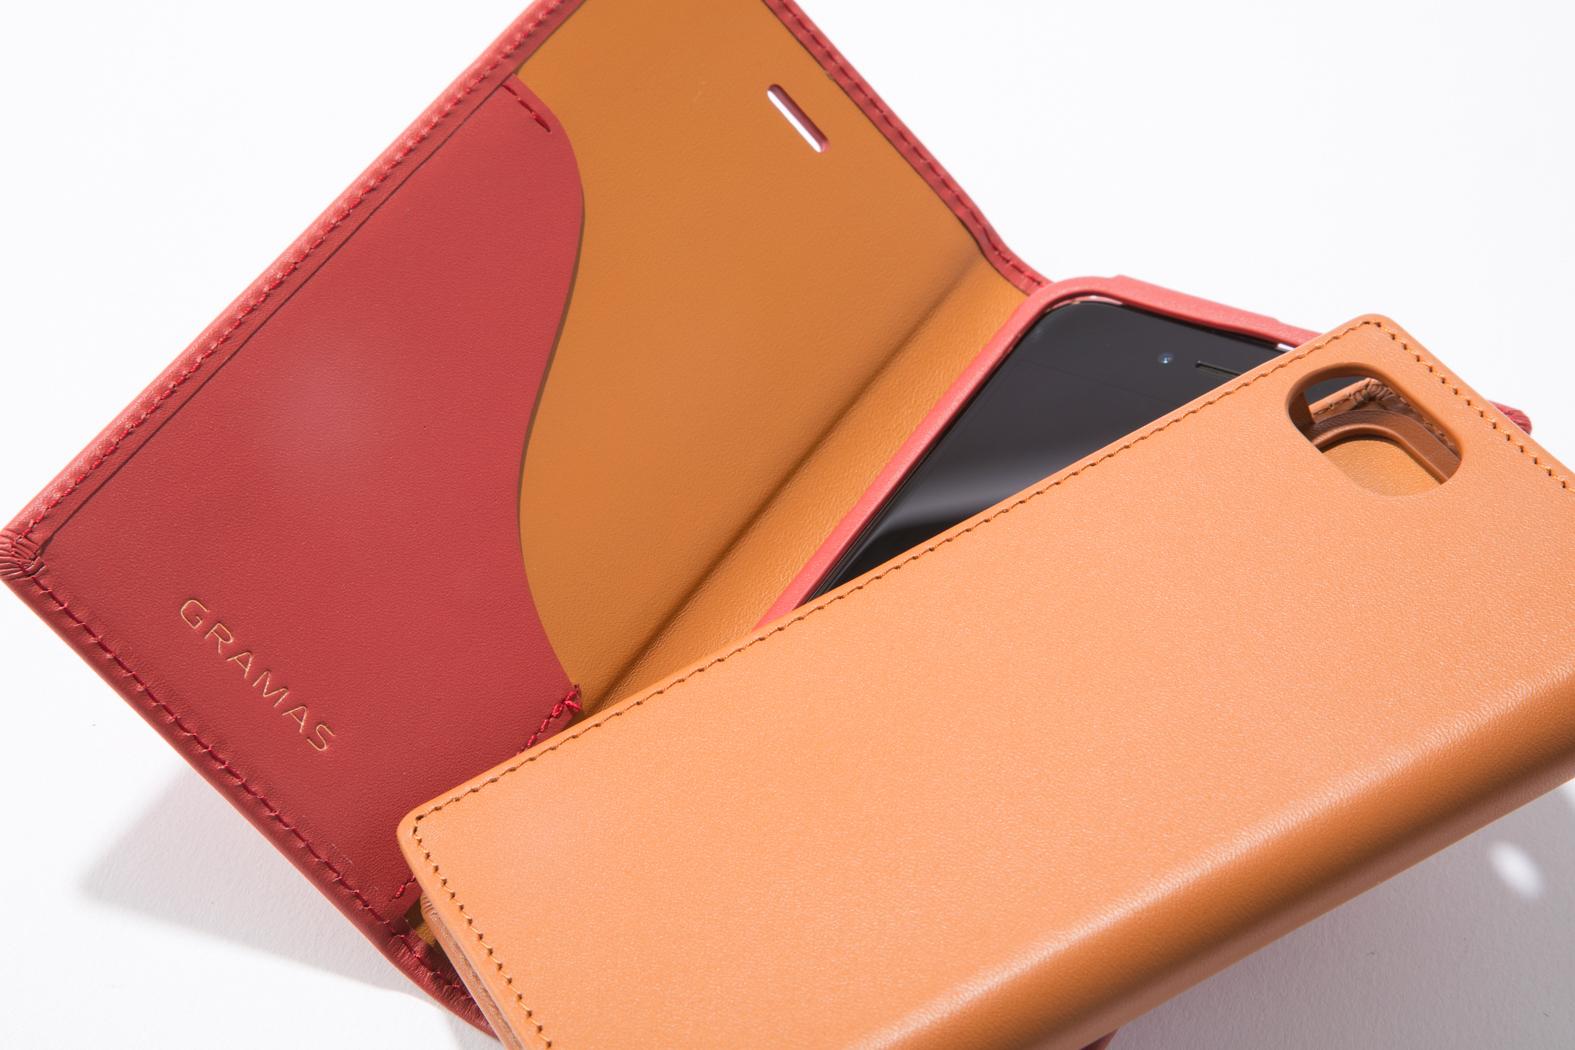 05115a3a45 レザーケースブランドとして人気の高い「GRAMAS(グラマス)」。本品は表地と裏地のすべてに本革(牛皮革)を用いた手帳型レザーケース。1枚の皮から製作することで  ...